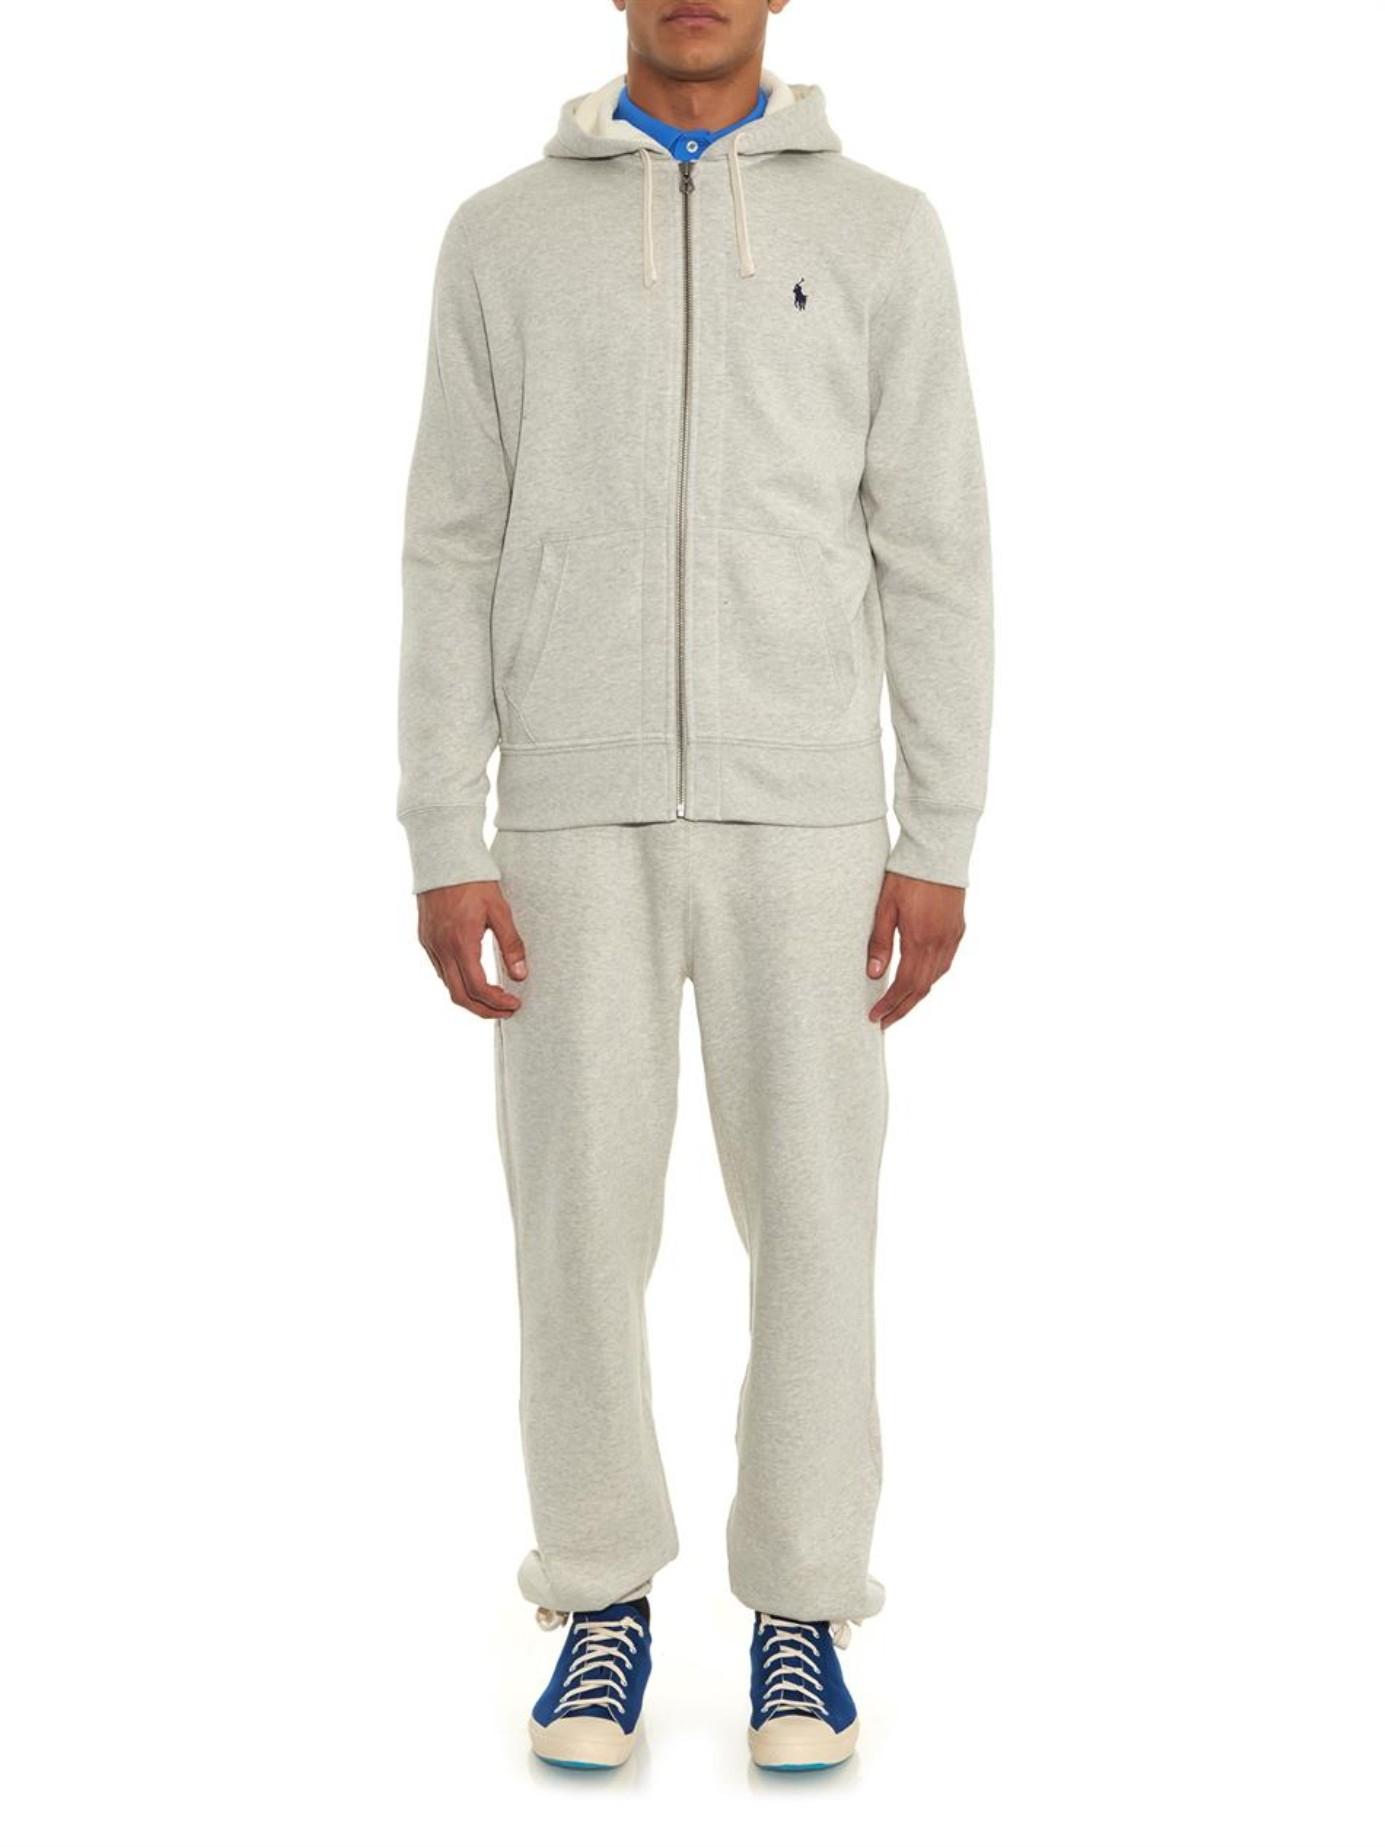 Polo Ralph Lauren   Gray Zip-up Hooded Sweatshirt for Men   Lyst. View Fullscreen